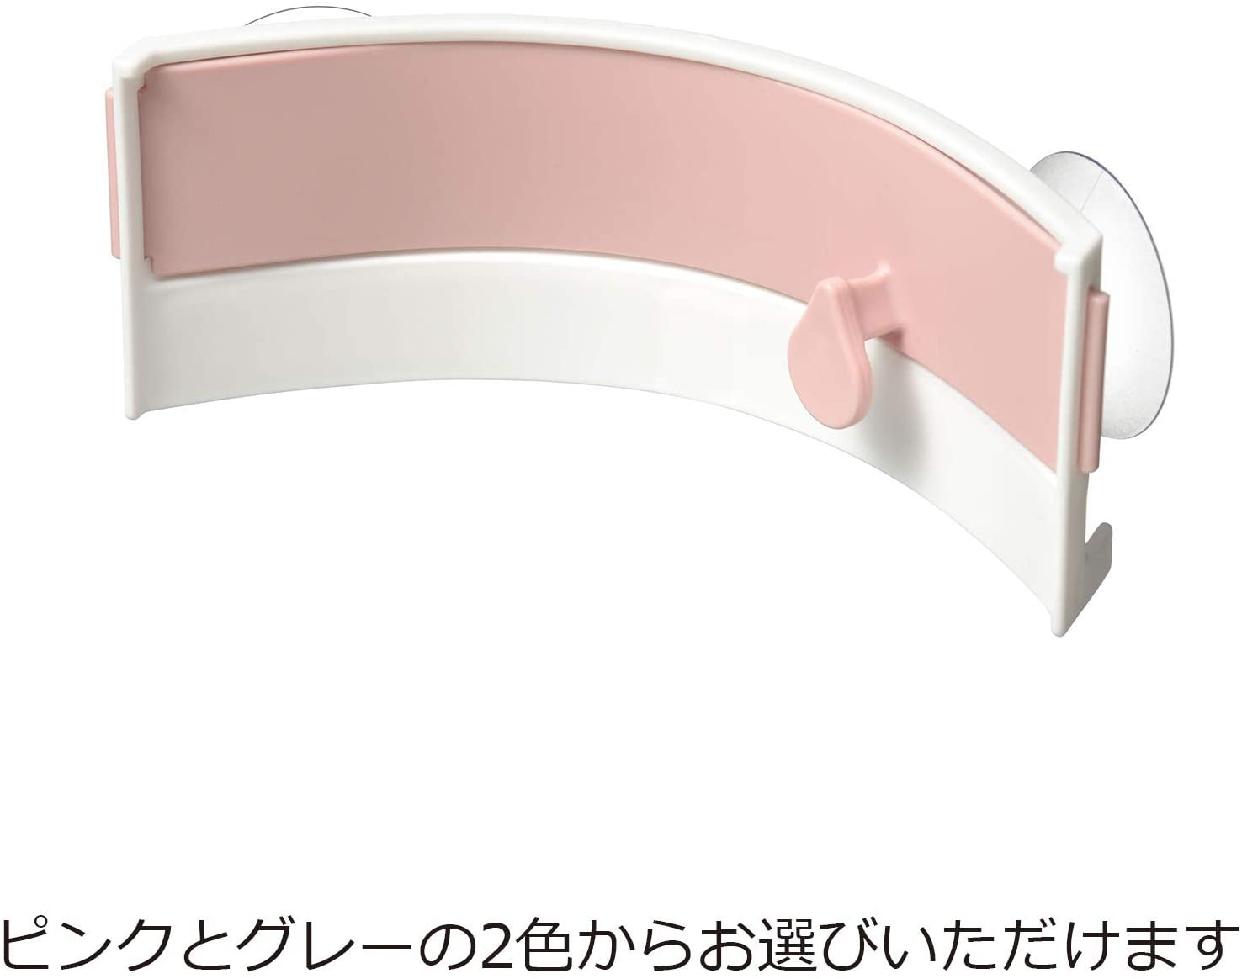 AUX(オークス) パコン!としまるごみ袋ホルダー  【レイエ】  LS1517の商品画像6